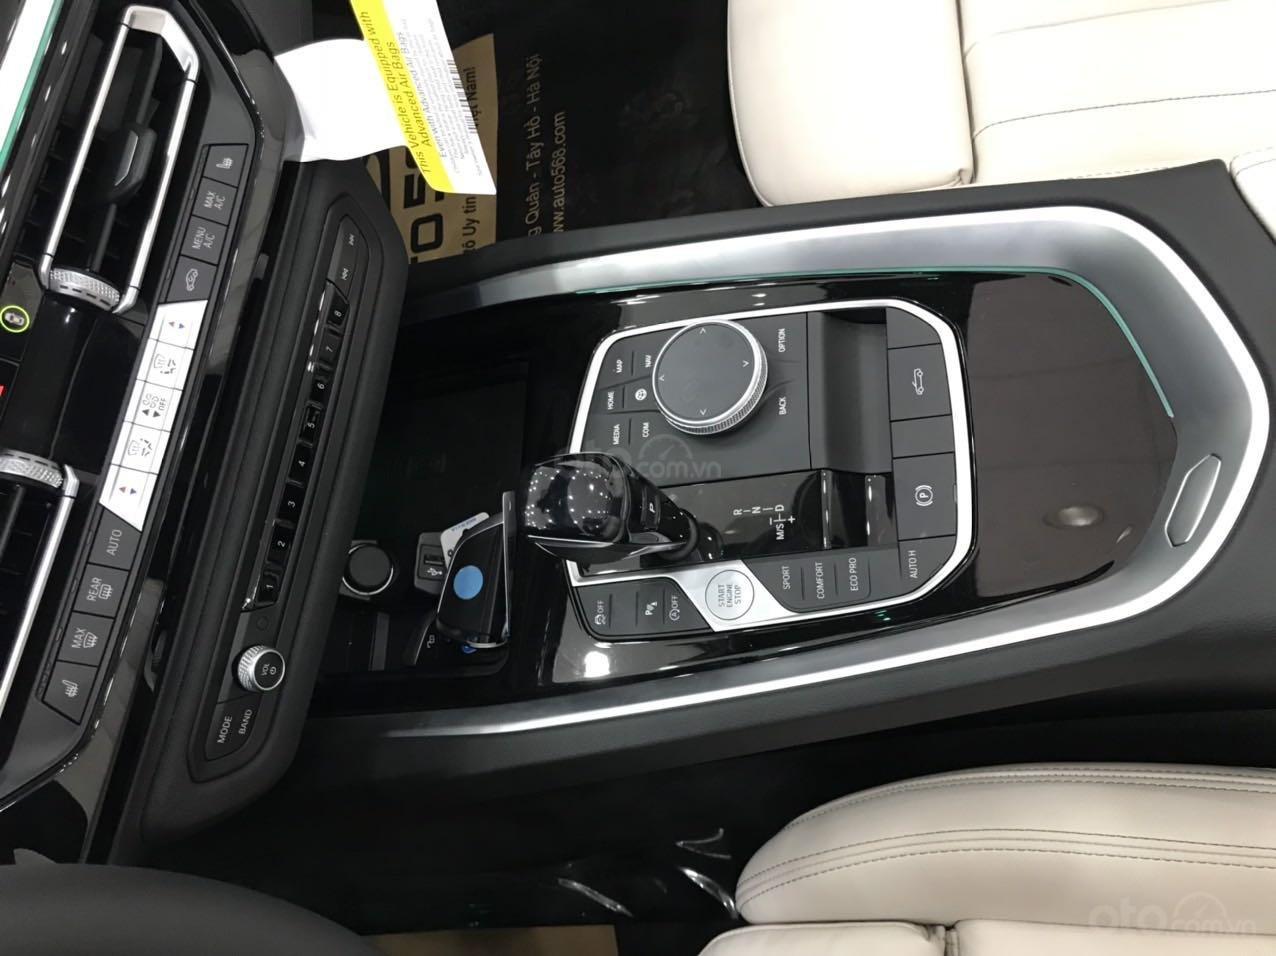 Xe BMW Z4 Sdrive đời 2020, màu đỏ nhập khẩu nguyên chiếc siêu lướt (12)